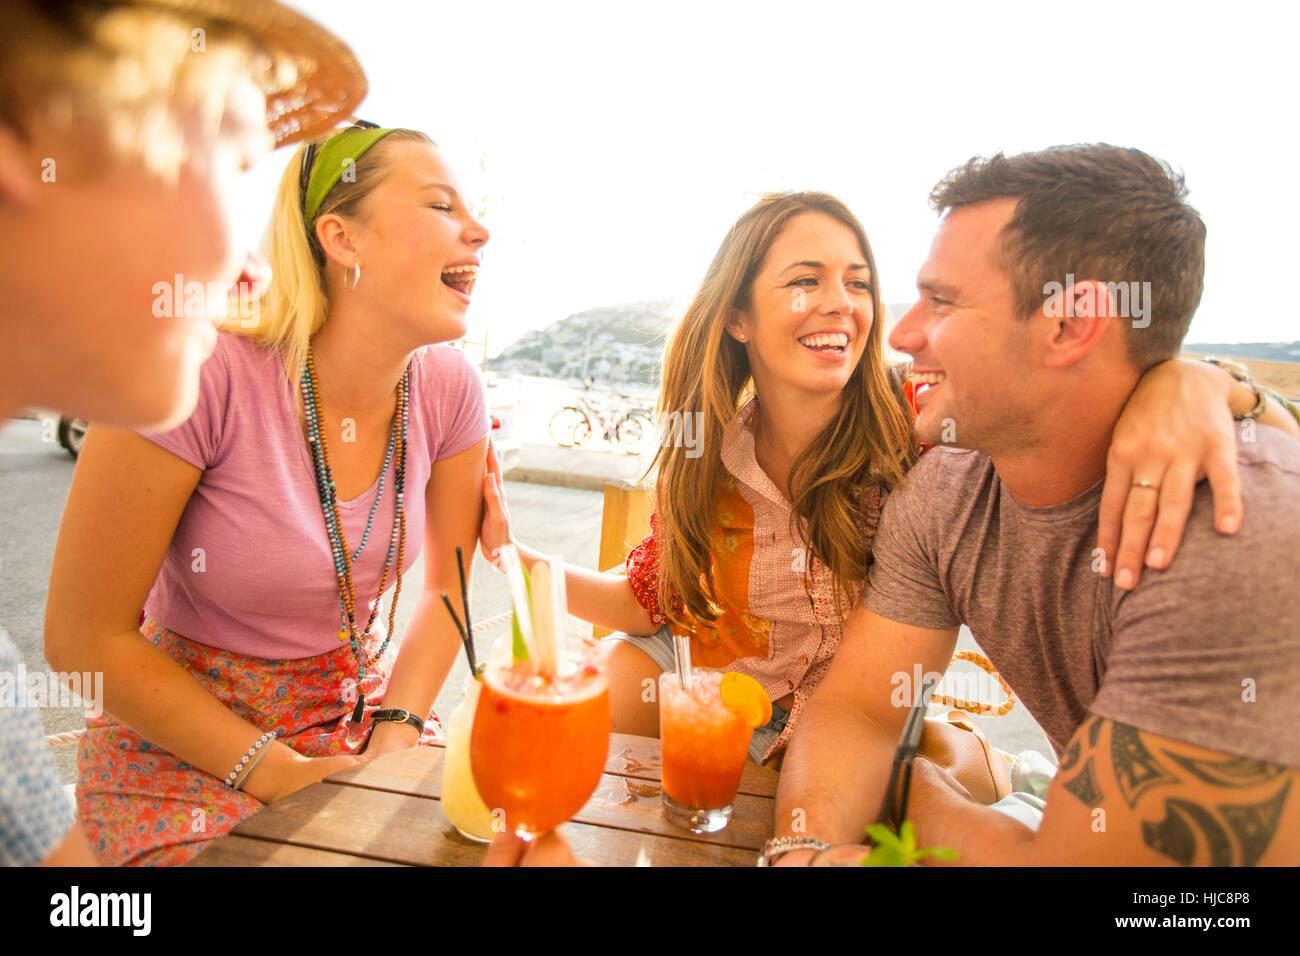 Deux couples adultes rire autour d'un cocktail au restaurant en bord de mer, Majorque, Espagne Photo Stock